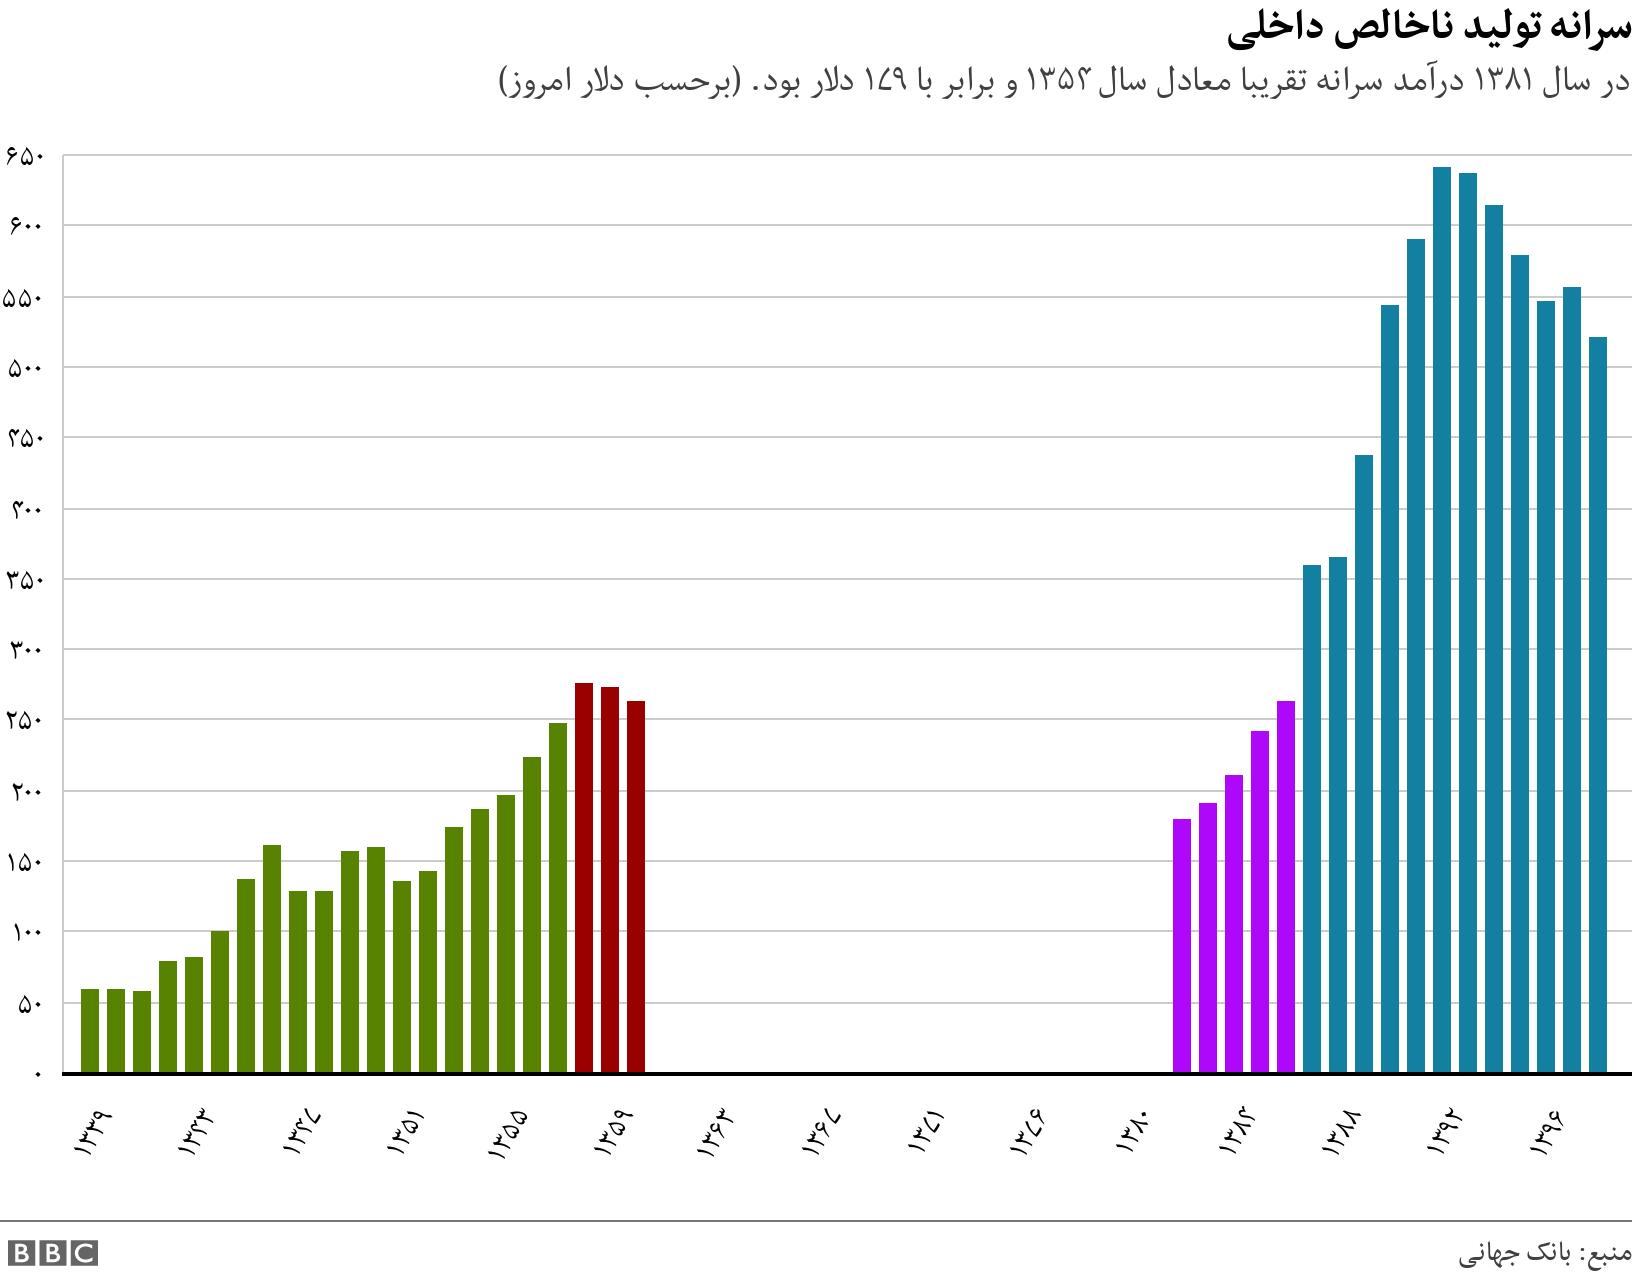 سرانه تولید ناخالص داخلی. در سال ۱۳۸۱ درآمد سرانه تقریبا معادل سال ۱۳۵۴ و برابر با ۱۷۹ دلار بود. (برحسب دلار امروز).  .